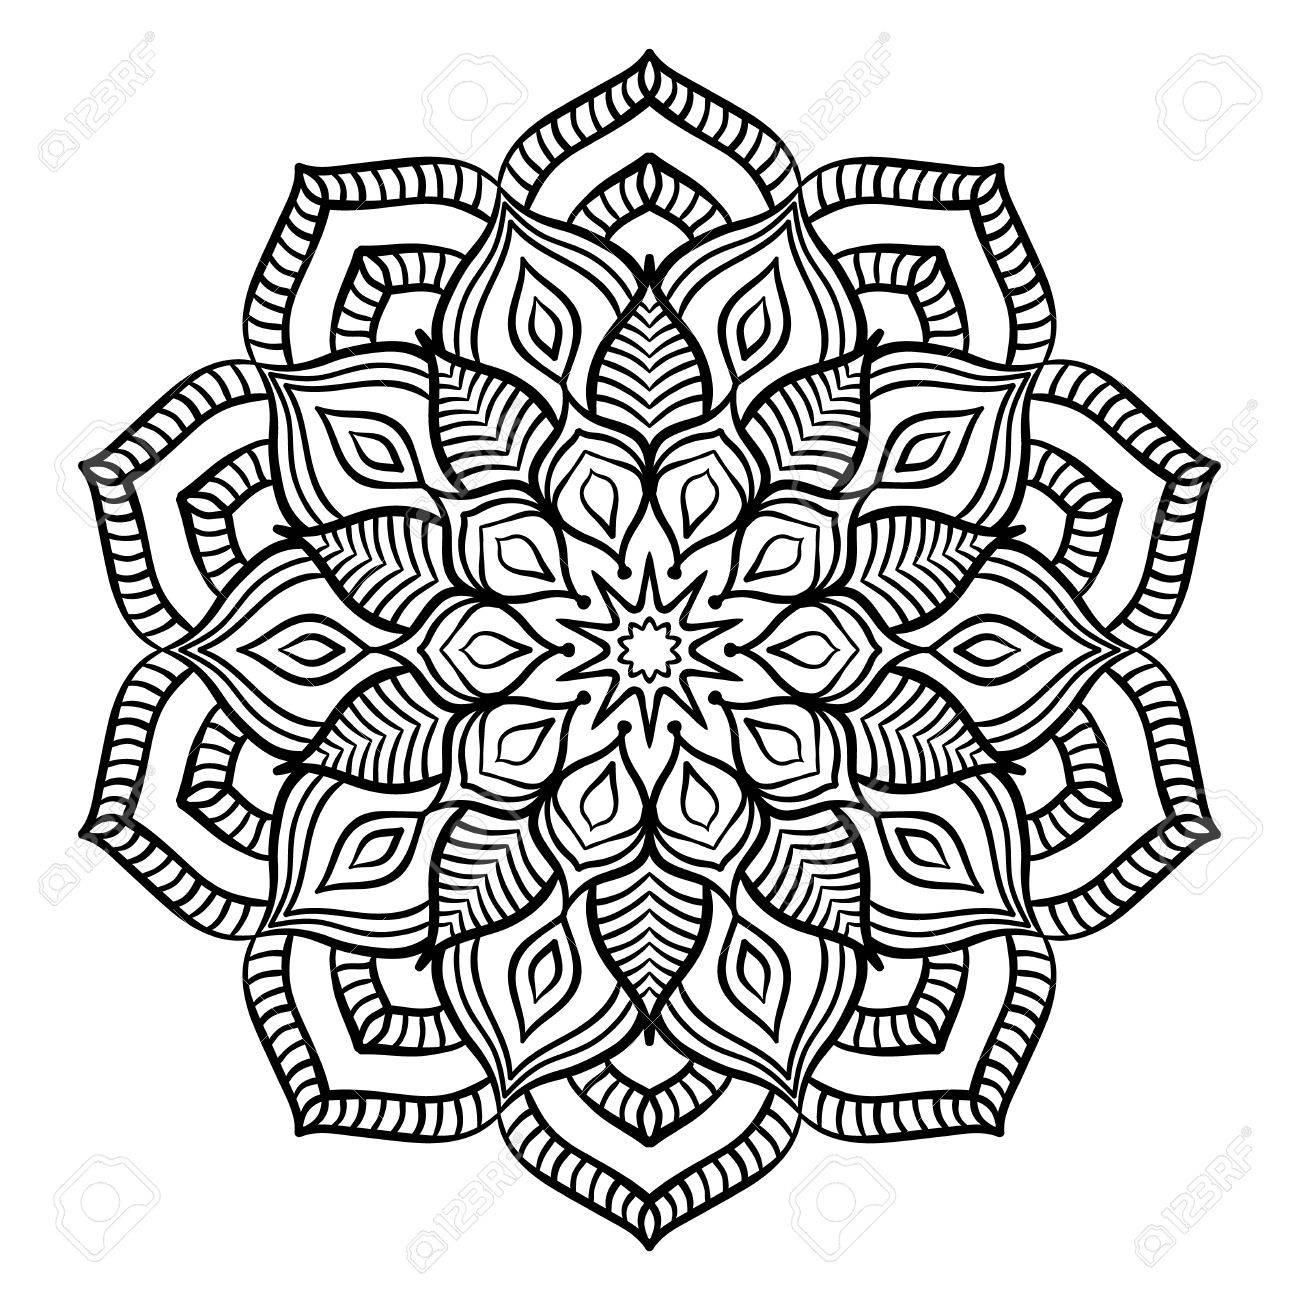 black mandala for coloring